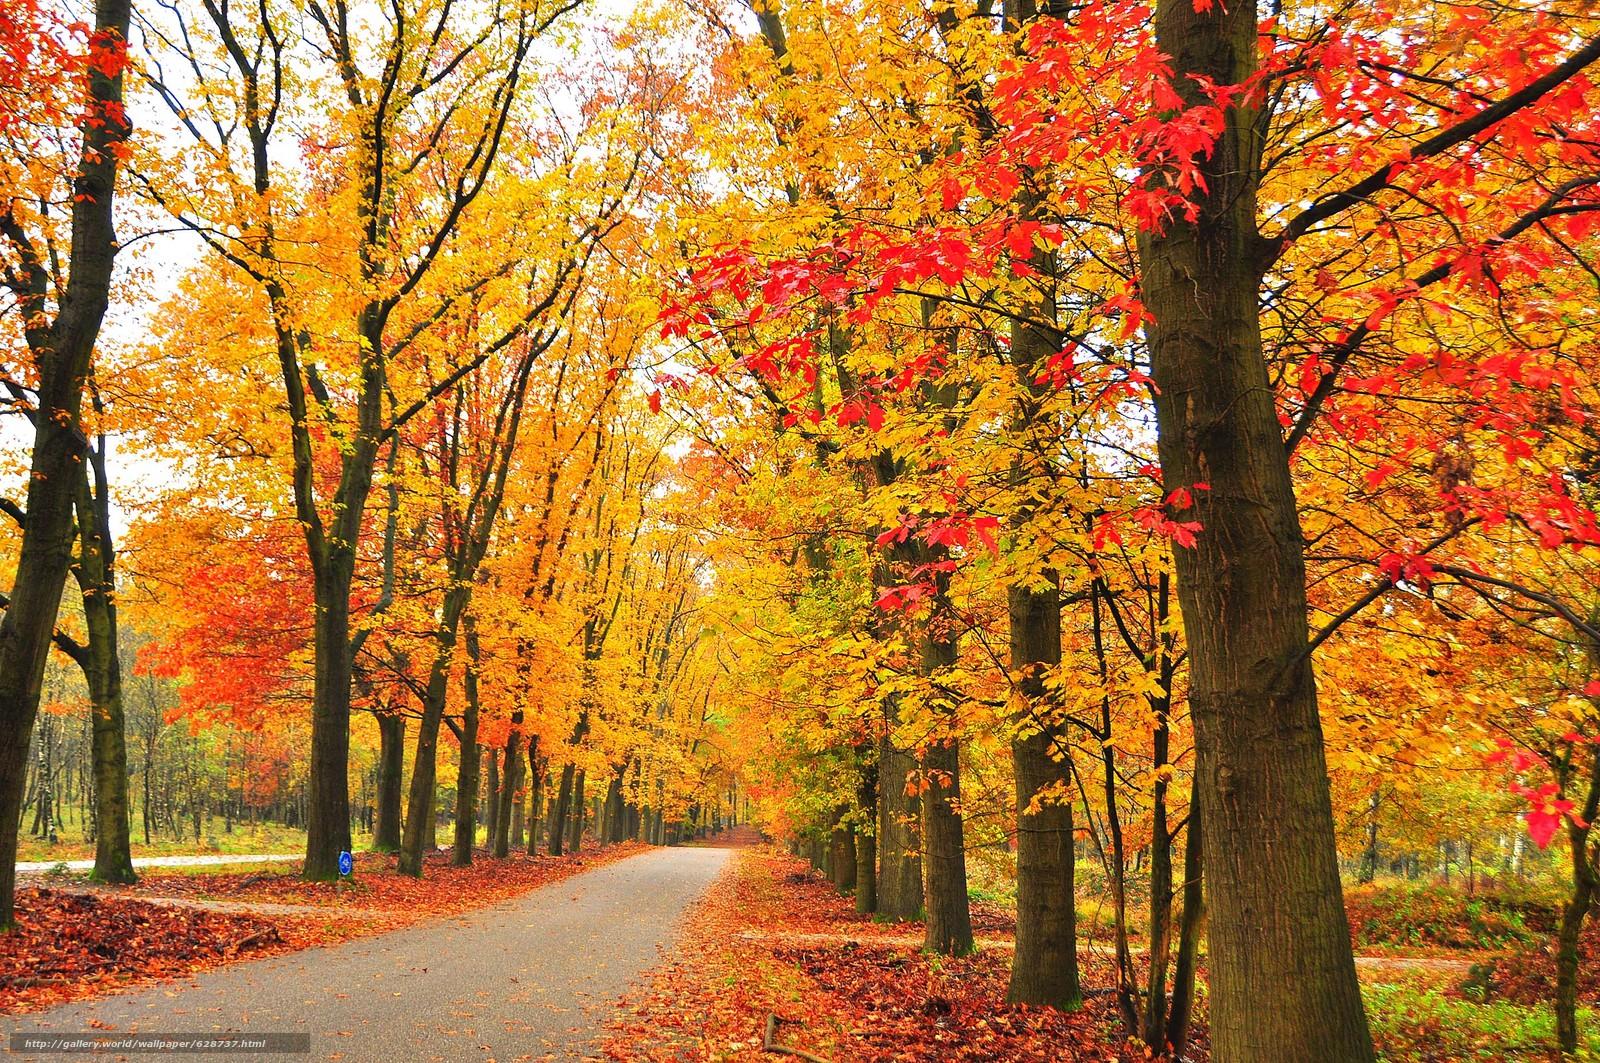 estrada, ?rvores, parque, paisagem, outono